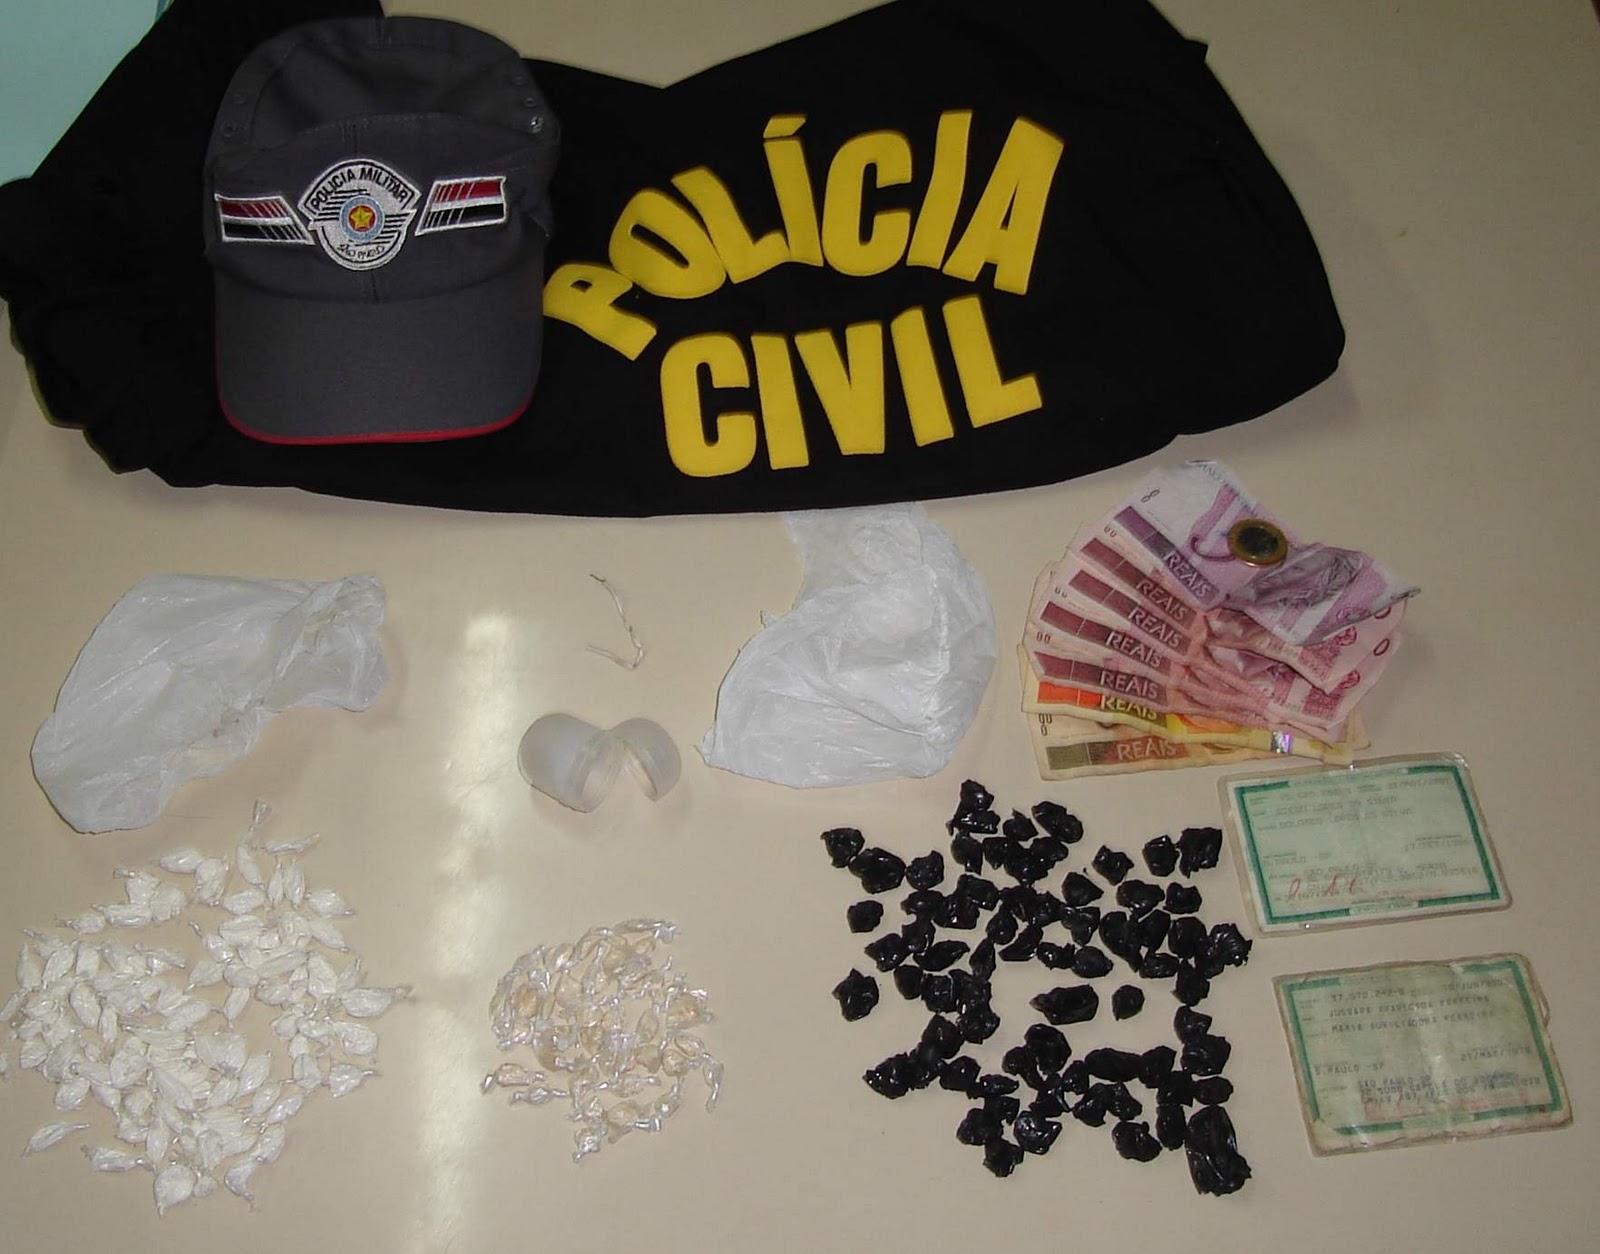 Dois jovens foram presos em Operação contra o tráfico de drogas realizada  no final de semana em Urupês. Equipes da Polícia Civil e Militar chegaram  aos ... 339a8dabba